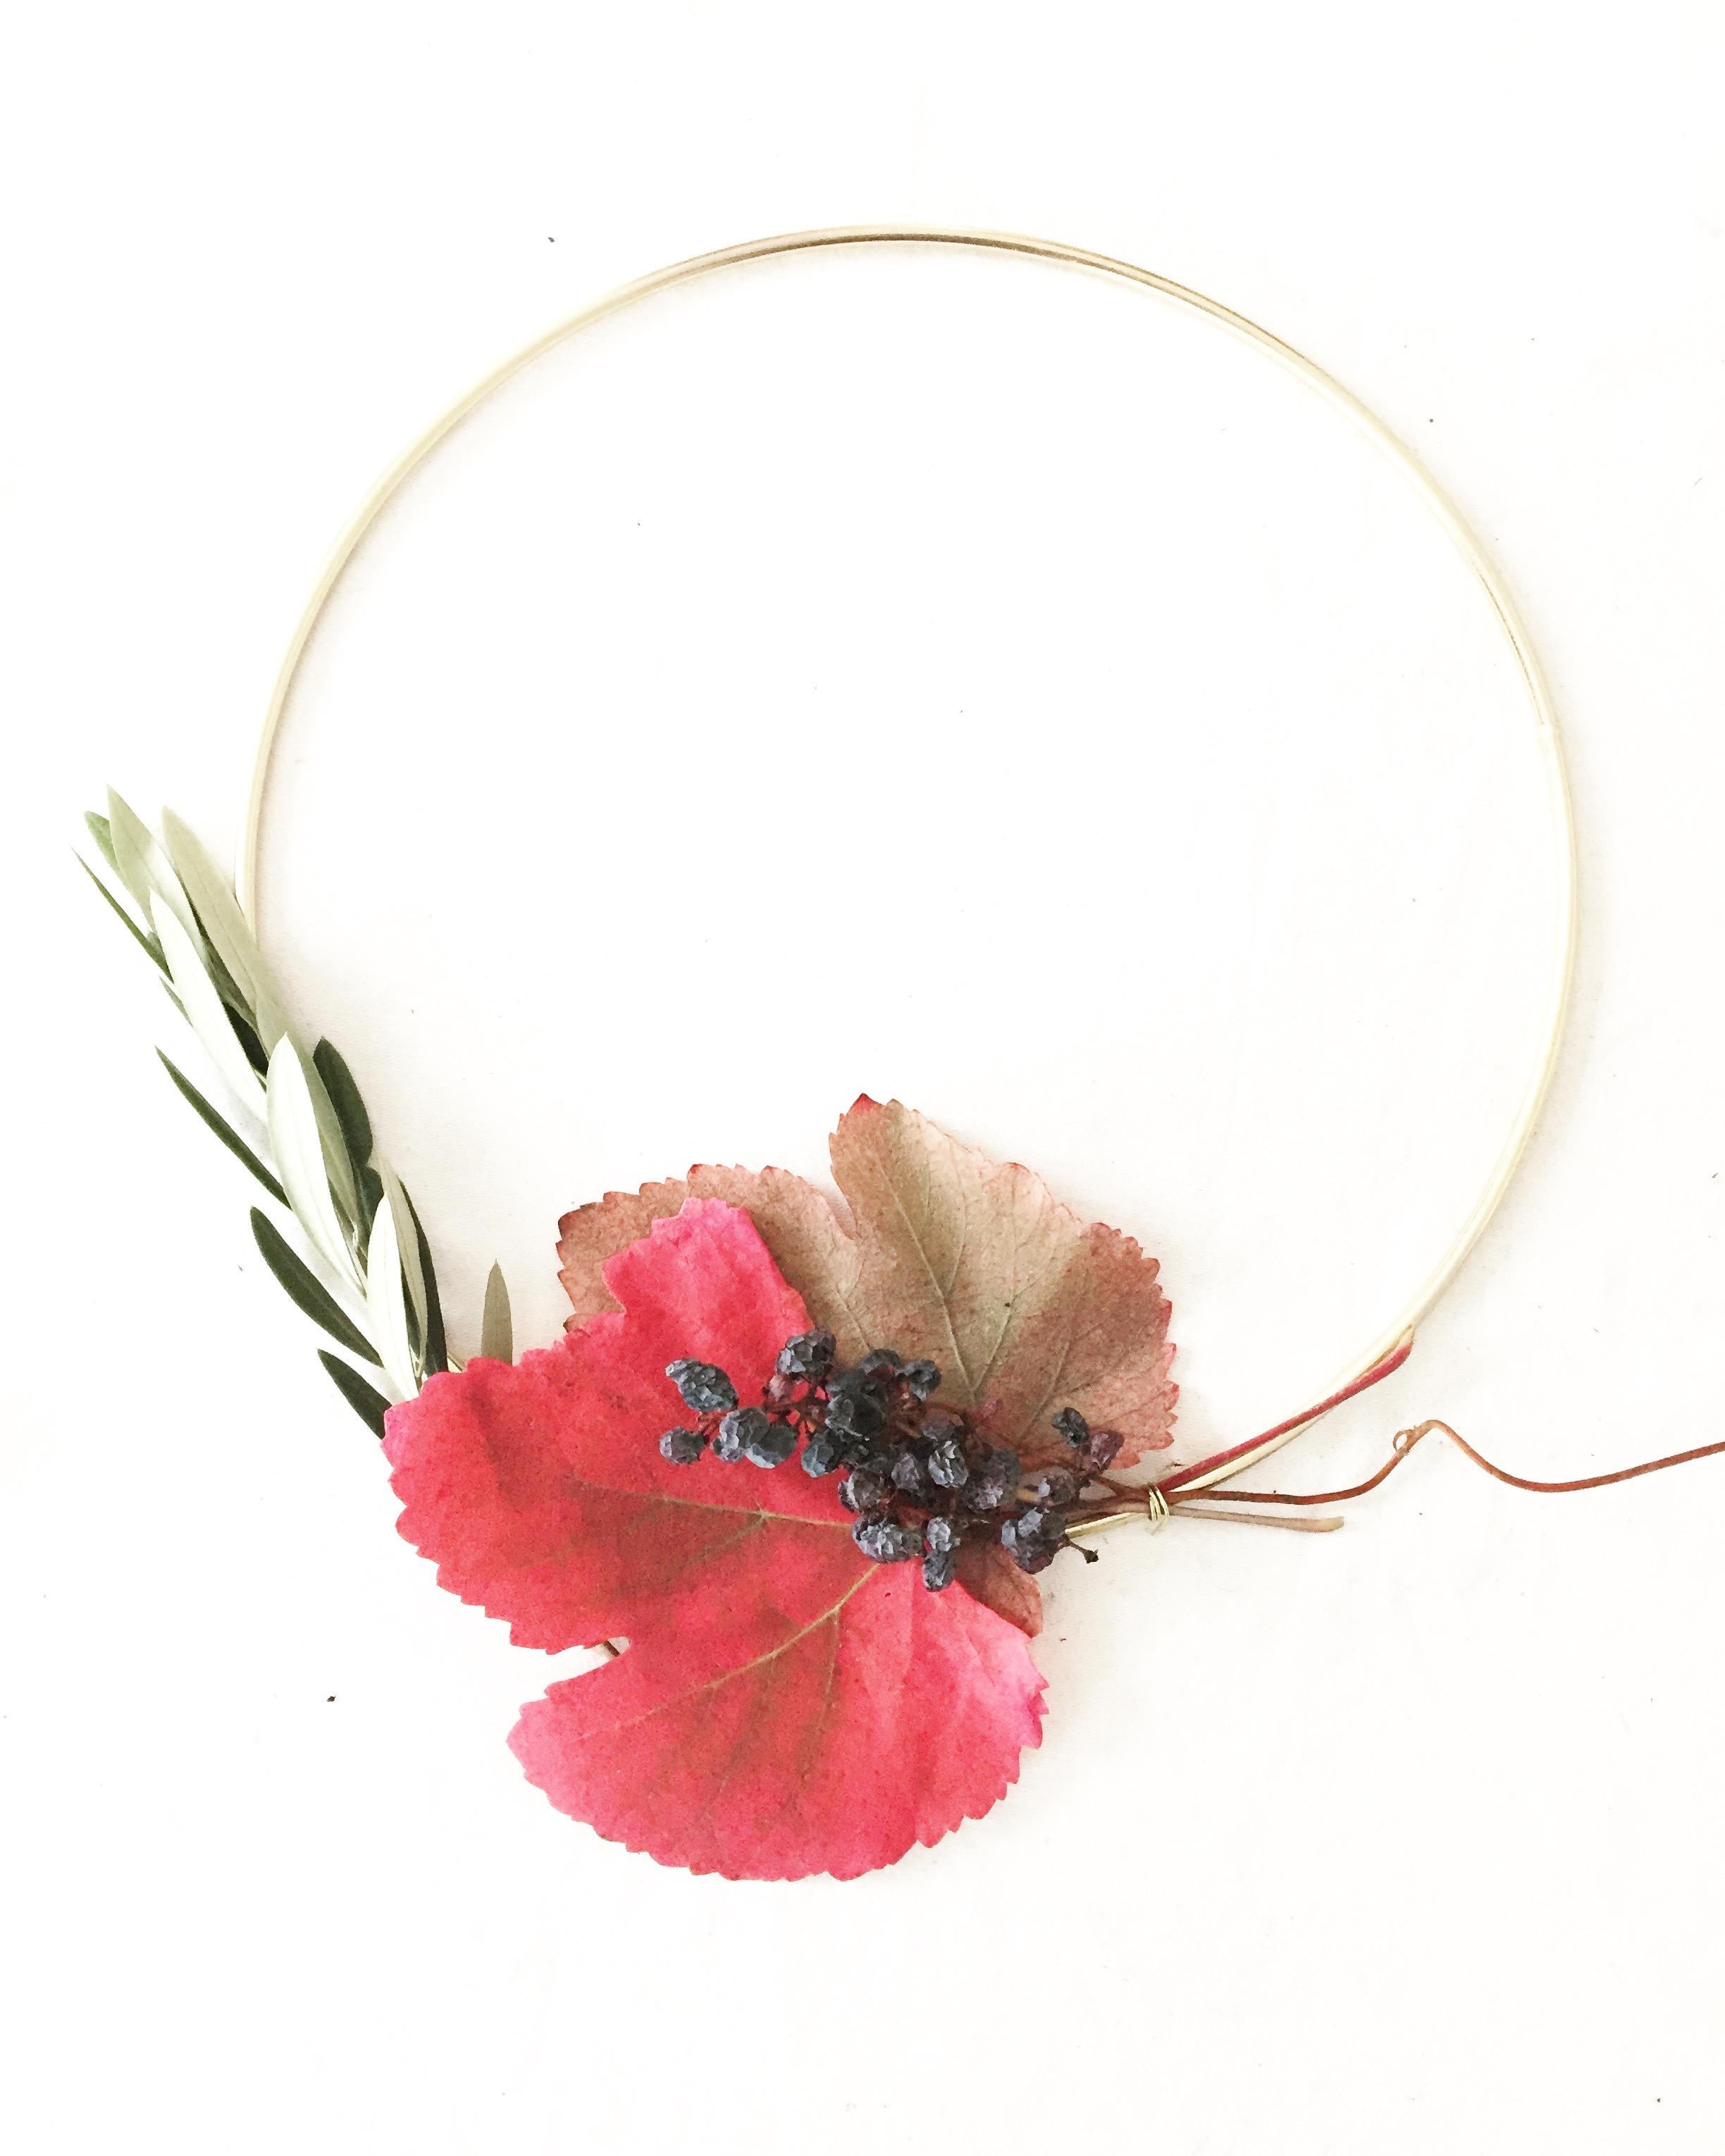 DIY Foraged Wreath 5